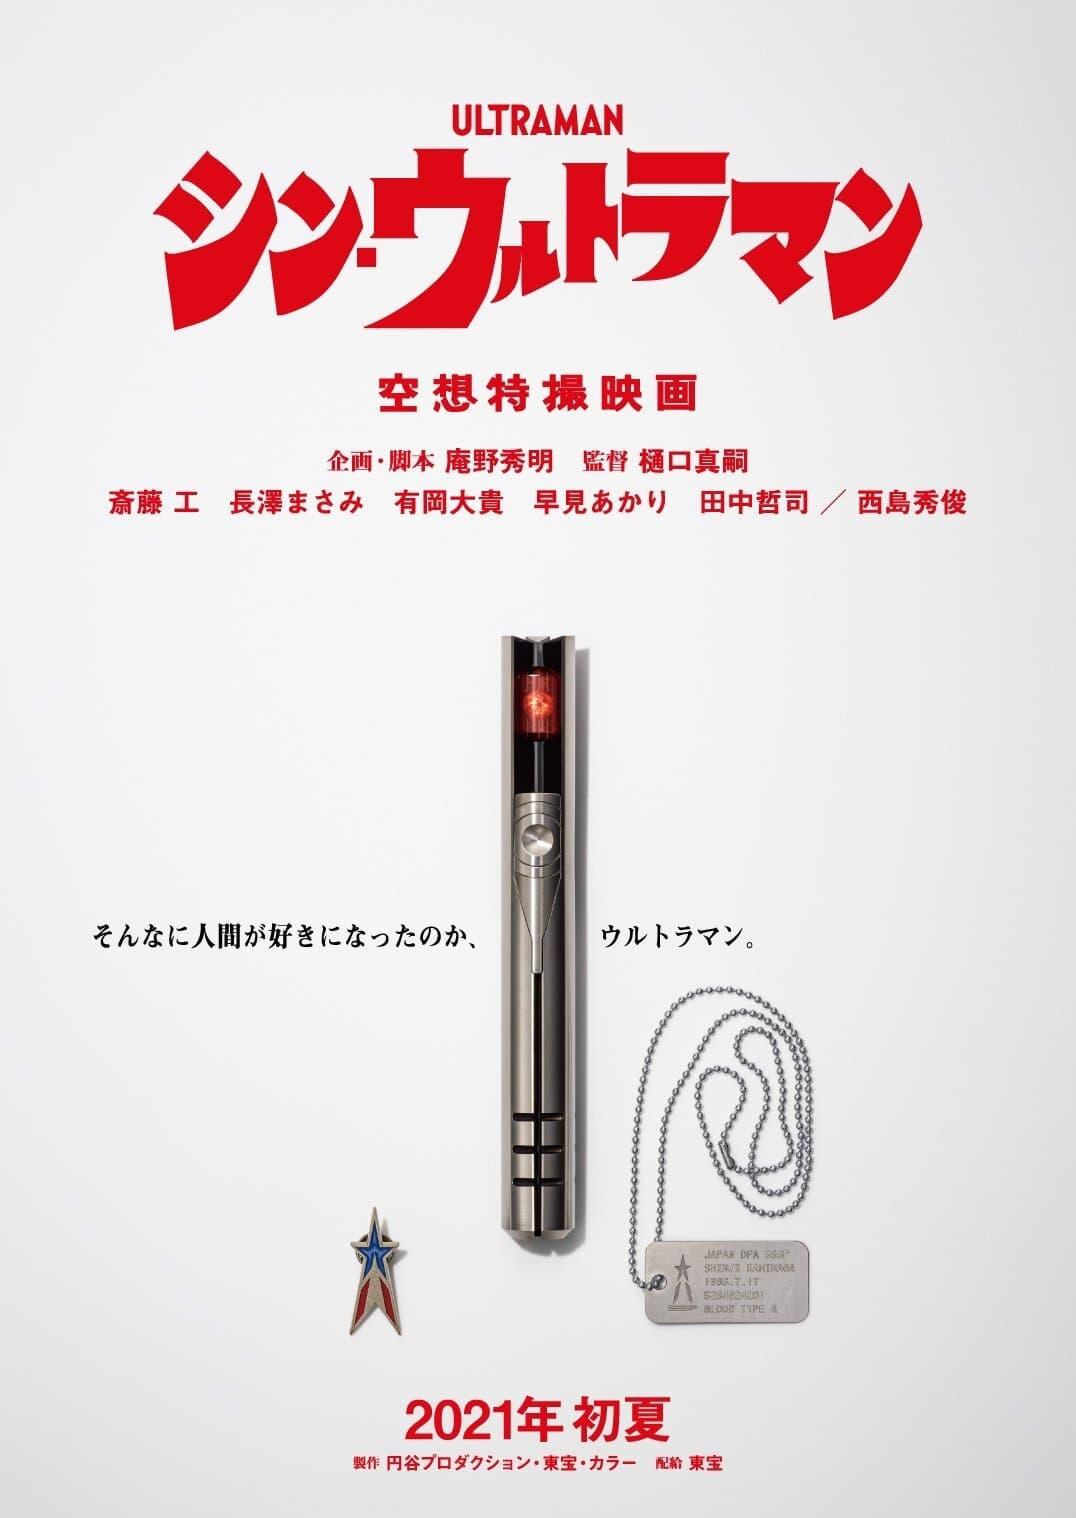 Shin Ultraman (1970)